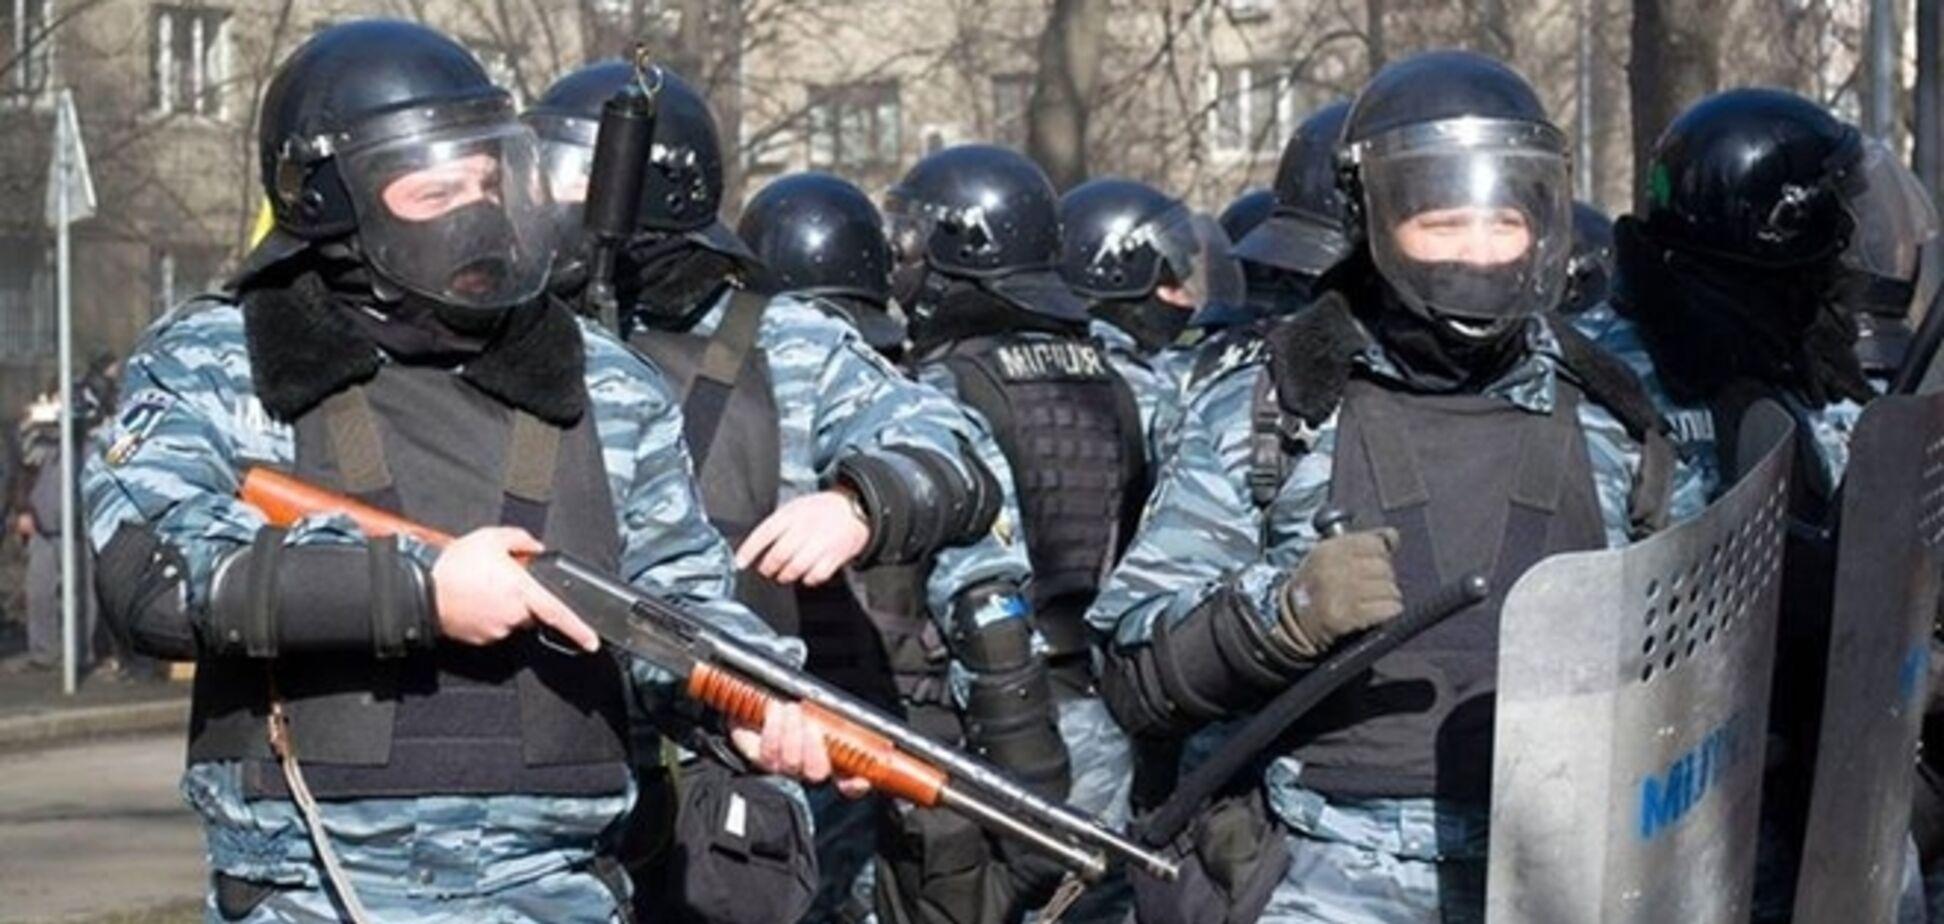 Против судьи в деле о расстрелах на Майдане открыто уголовное производство